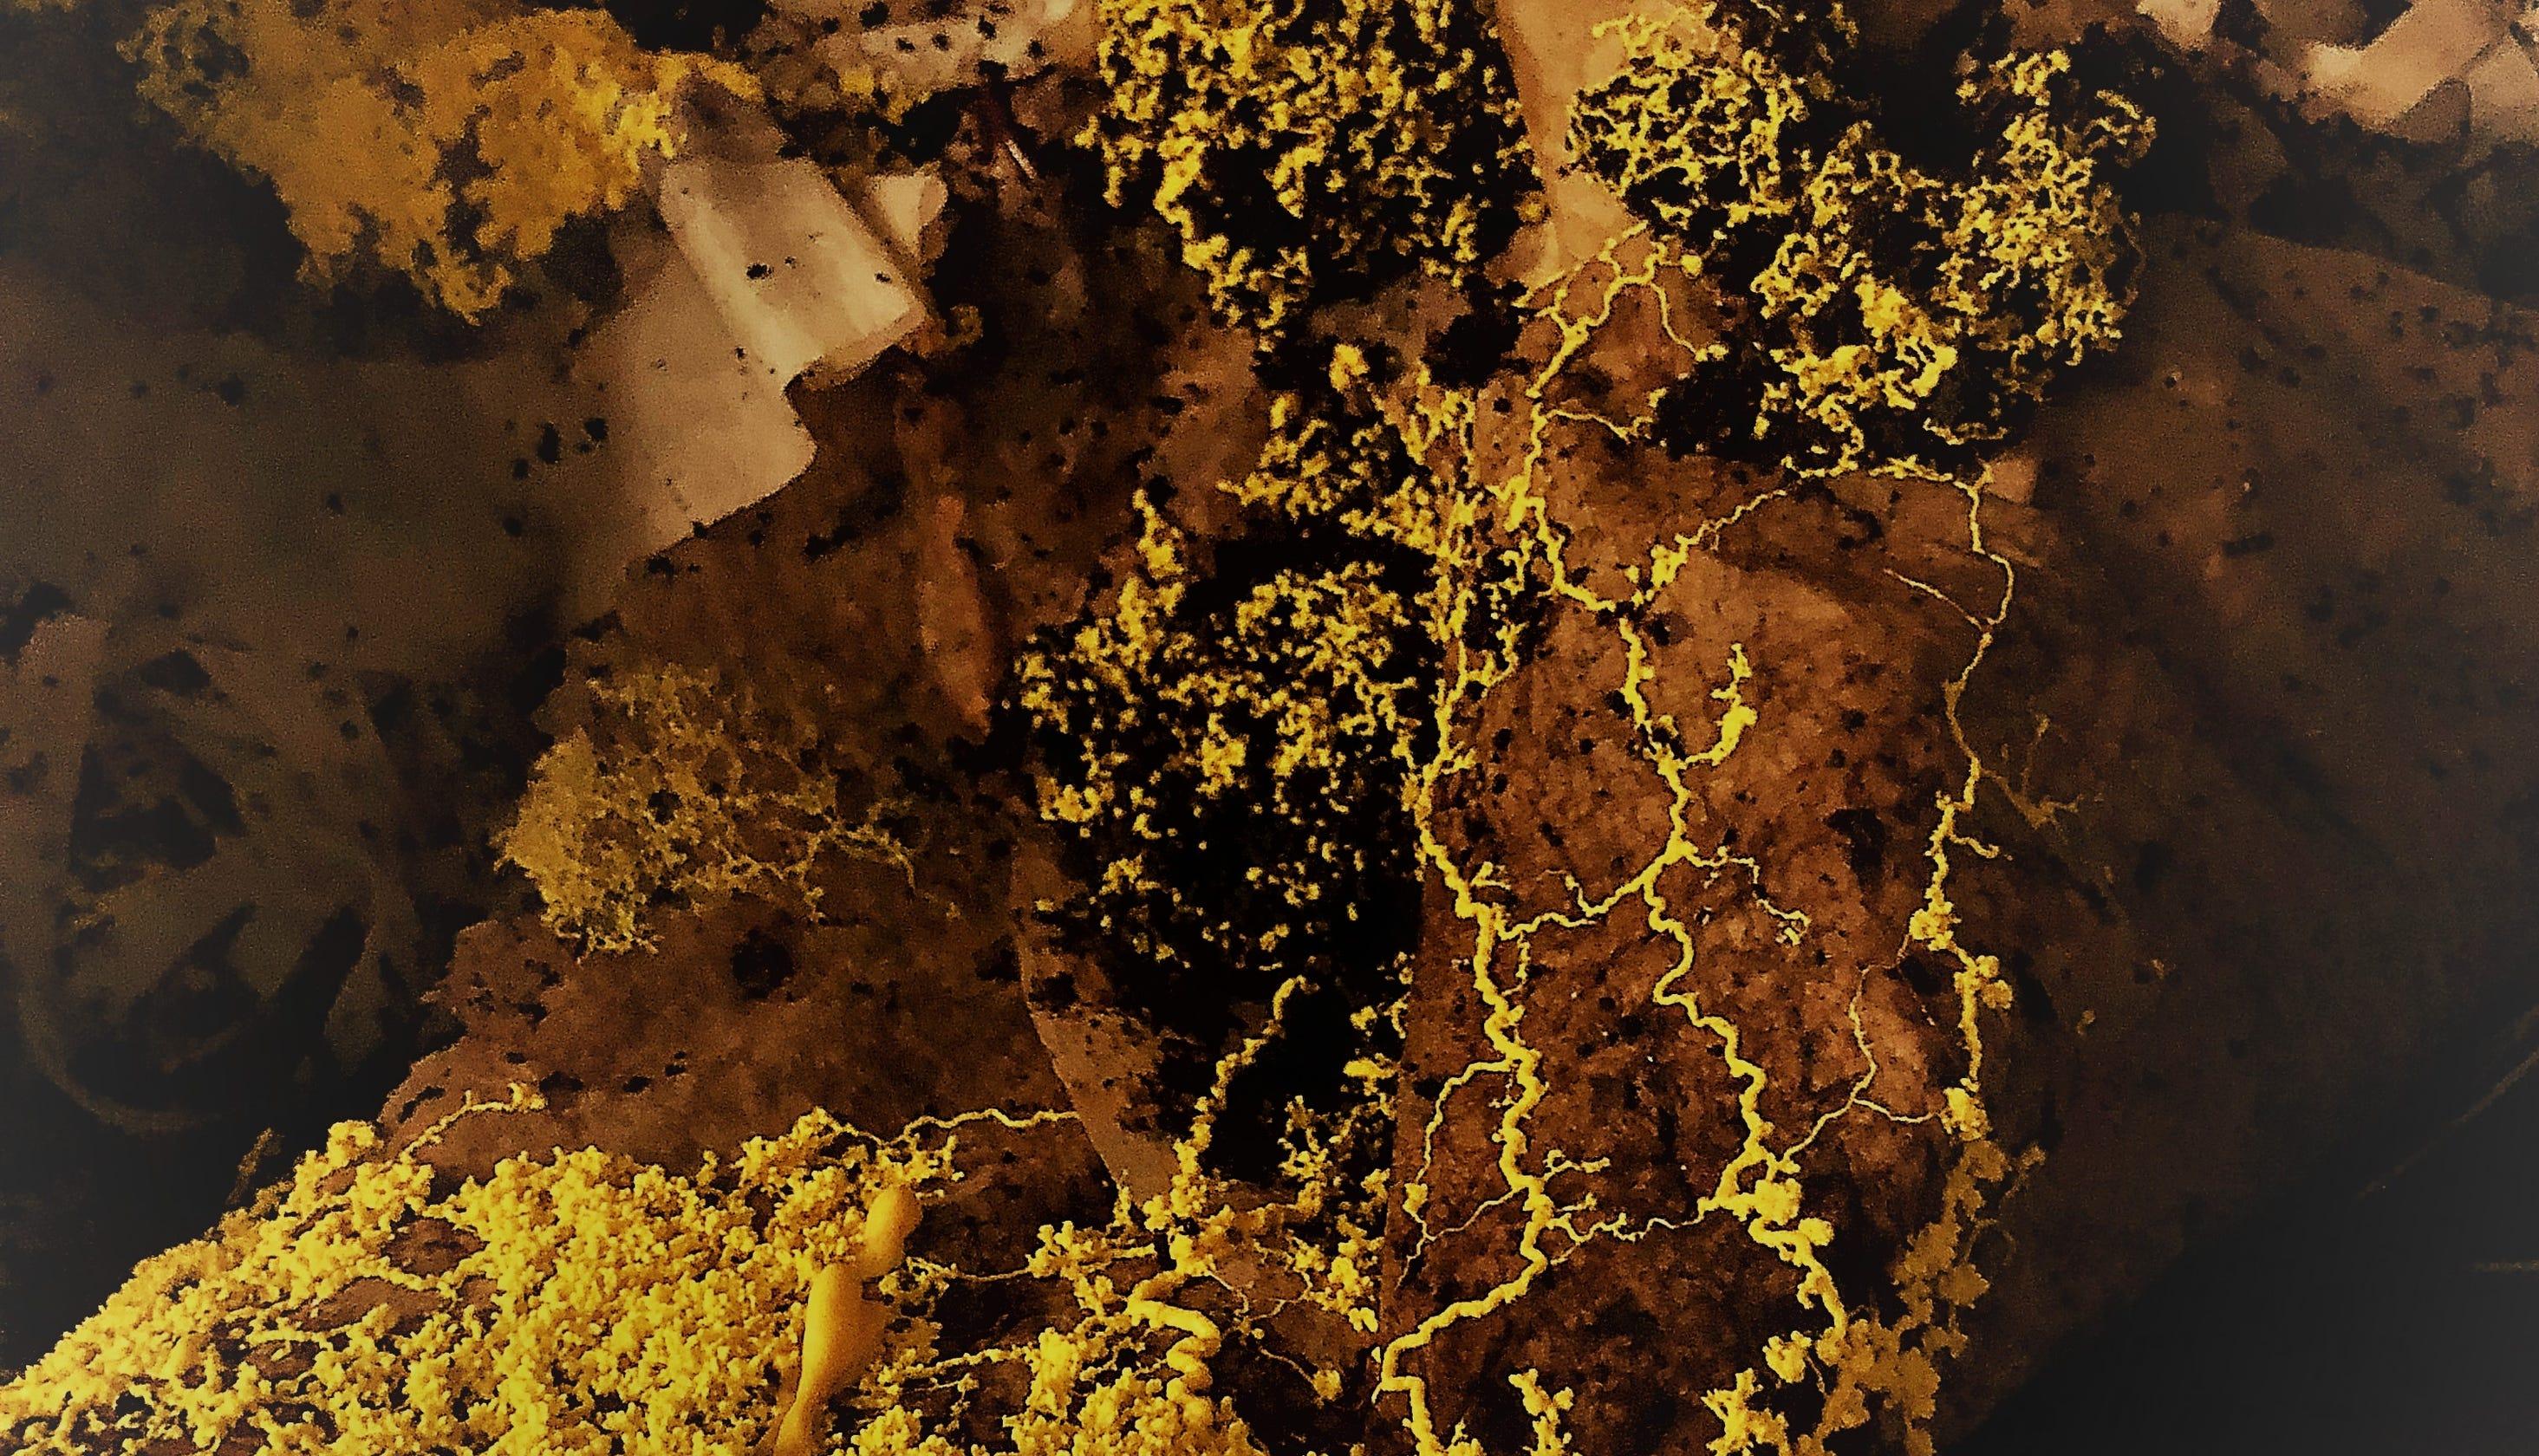 I ain\'t afraid of no slime mold